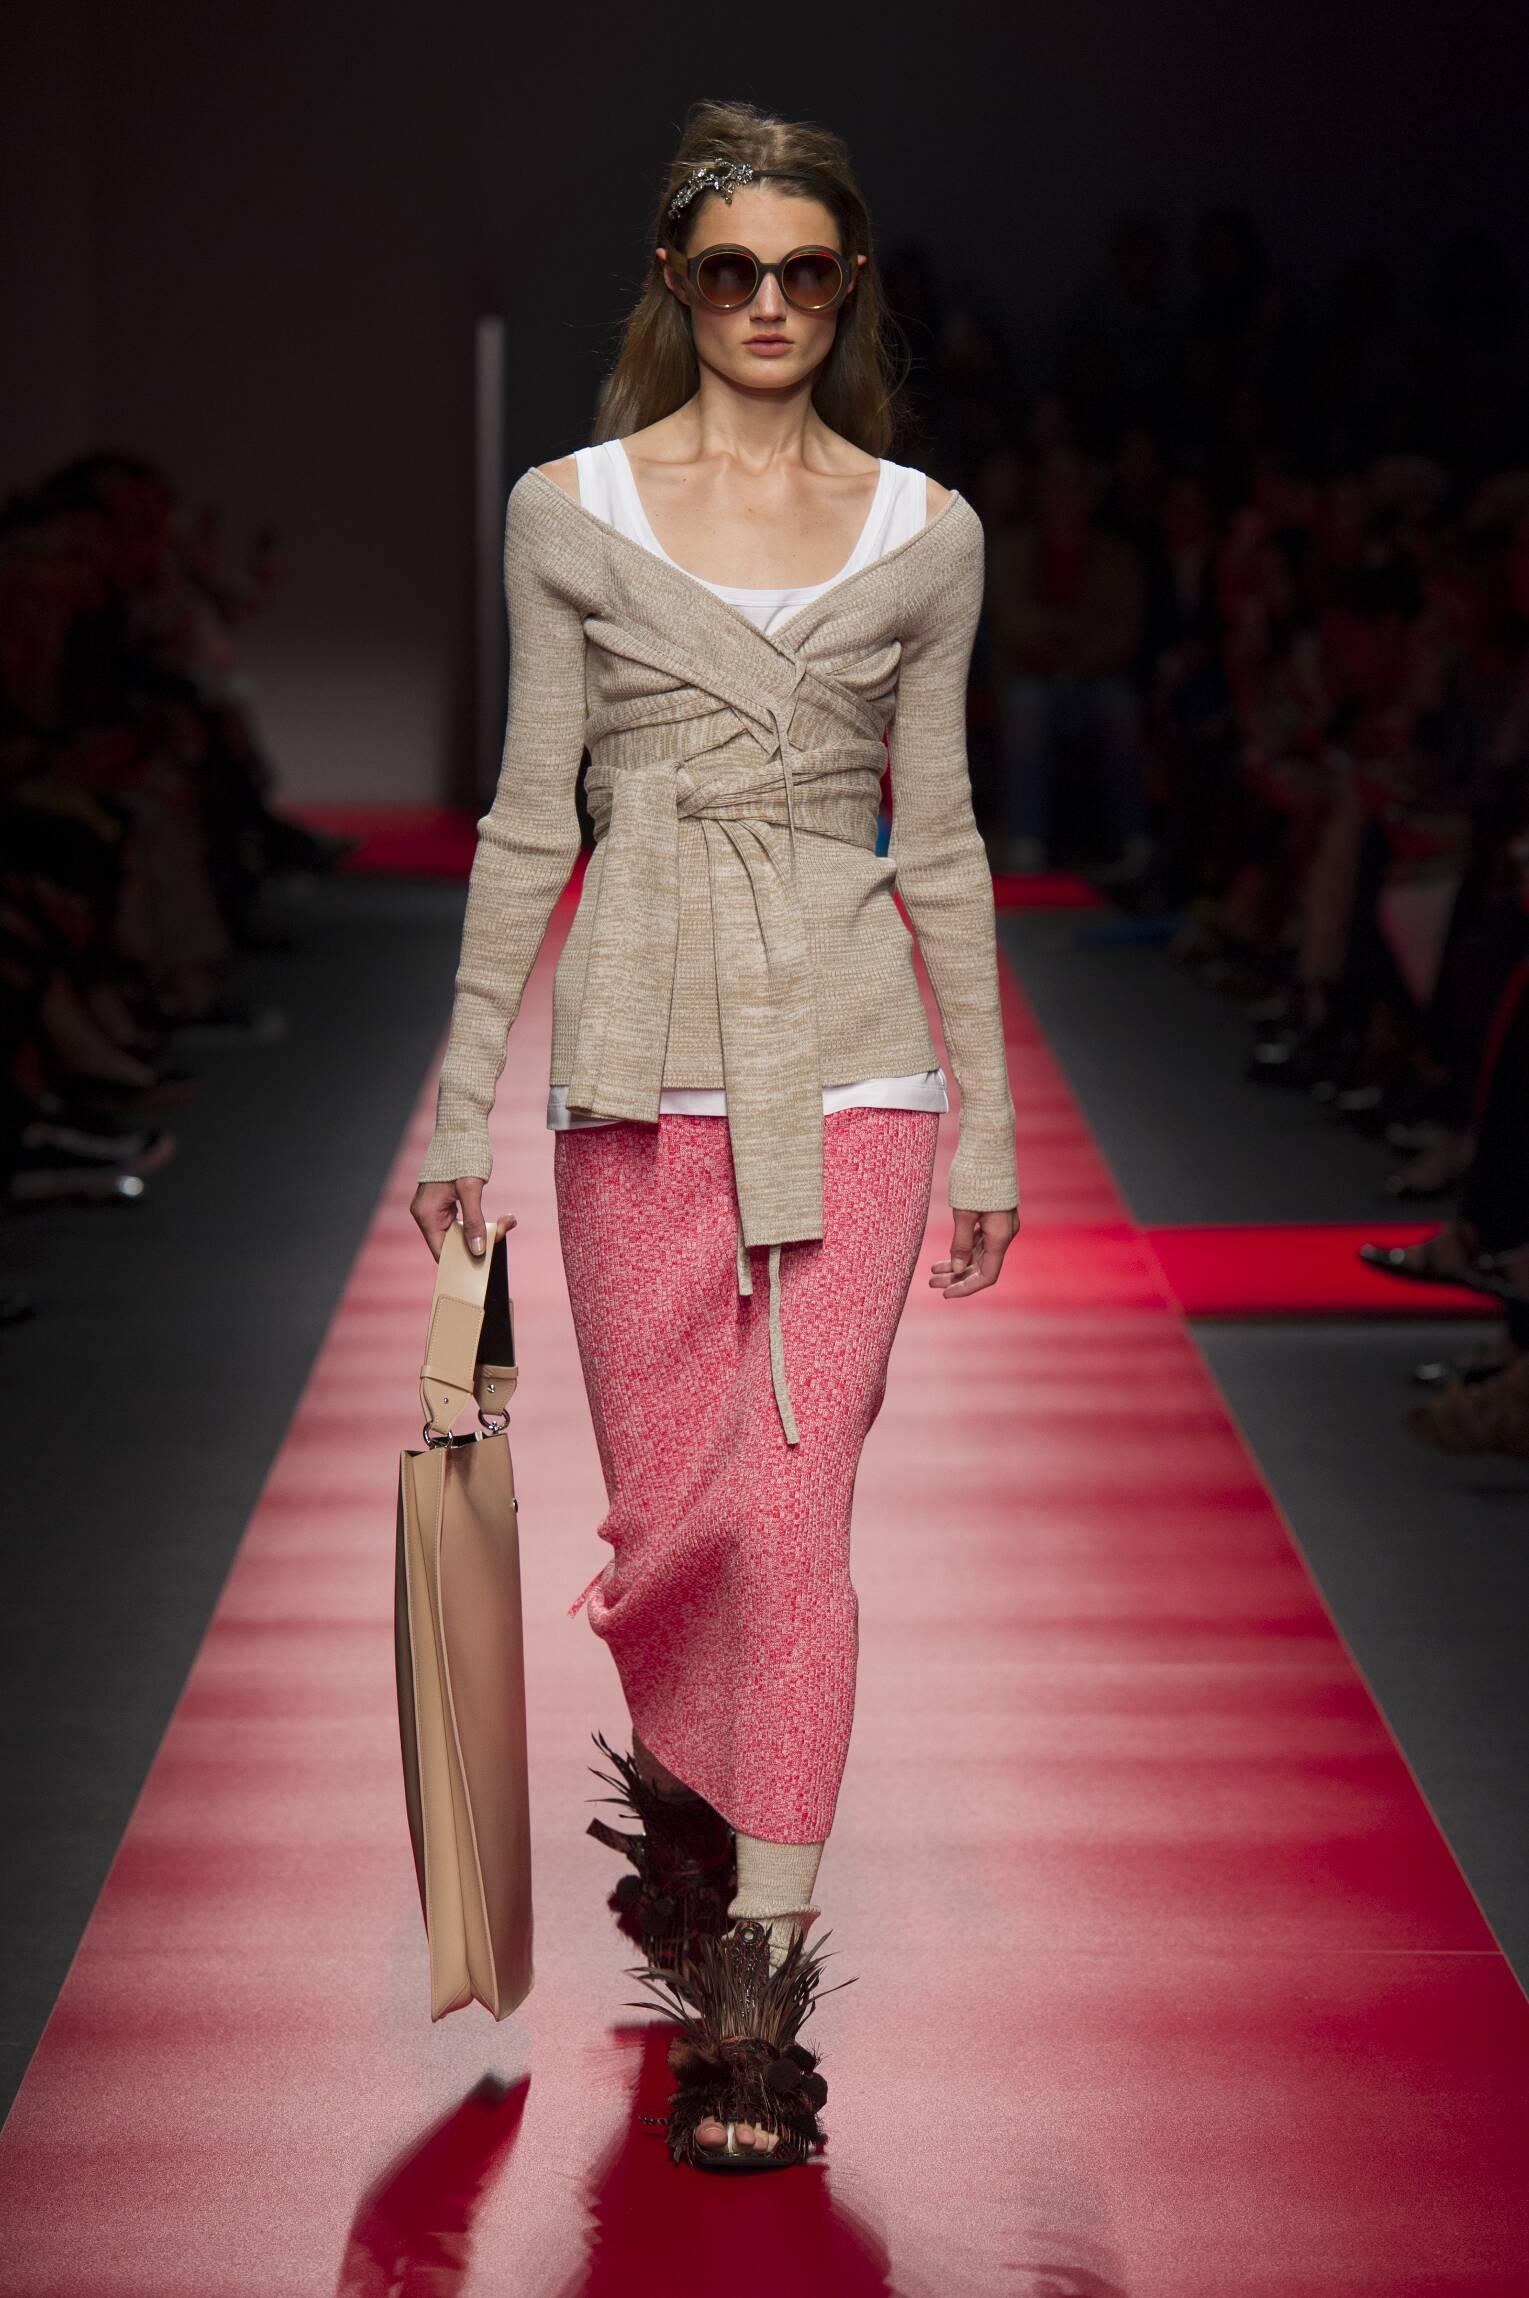 Summer Fashion Trends 2016 N°21